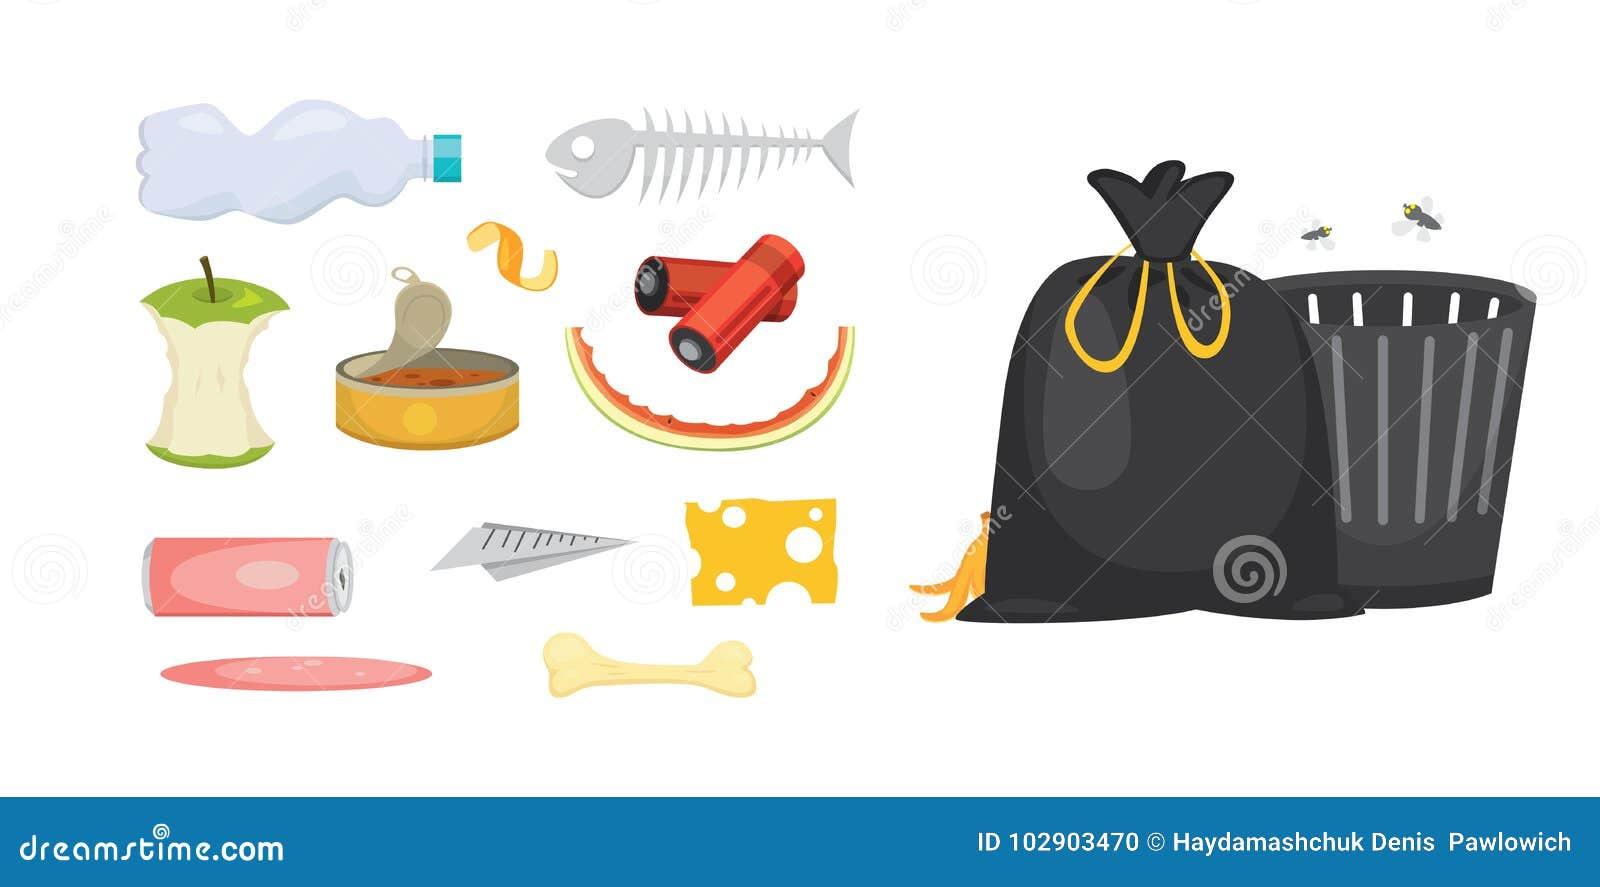 Καθορισμένες απεικονίσεις απορριμμάτων και απορριμάτων στο ύφος κινούμενων σχεδίων